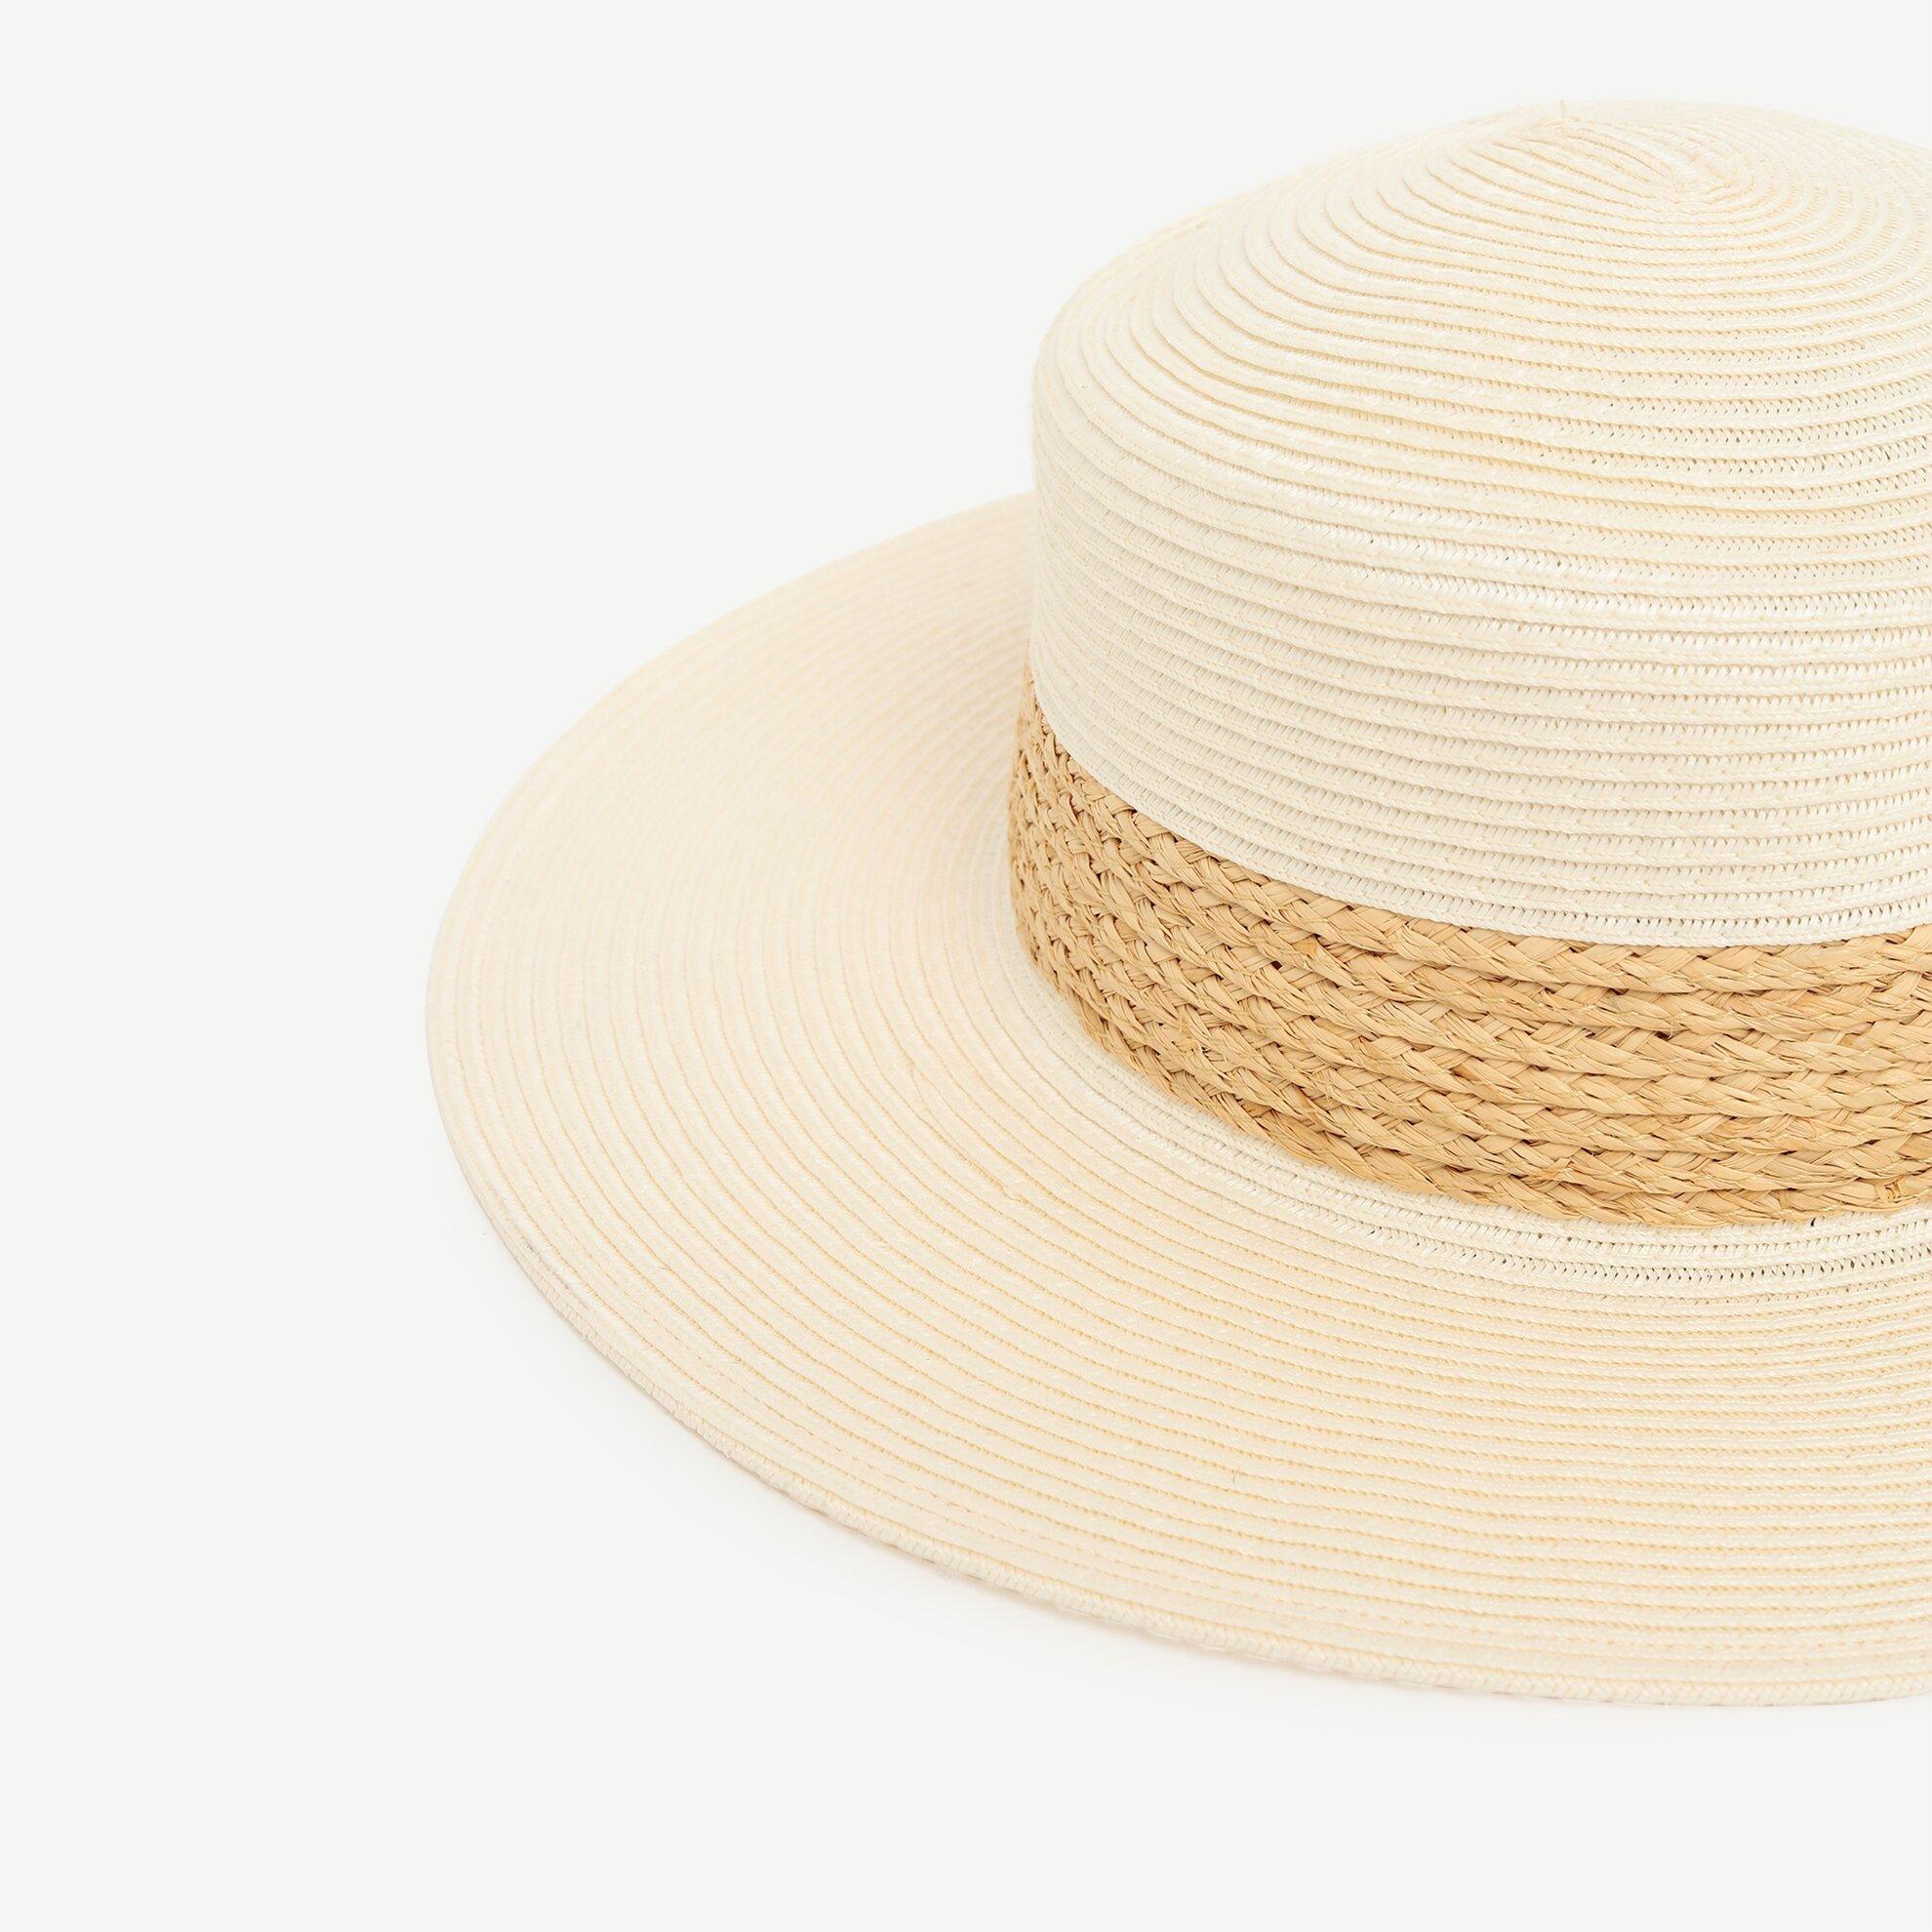 Rafya Detaylı Hasır Şapka